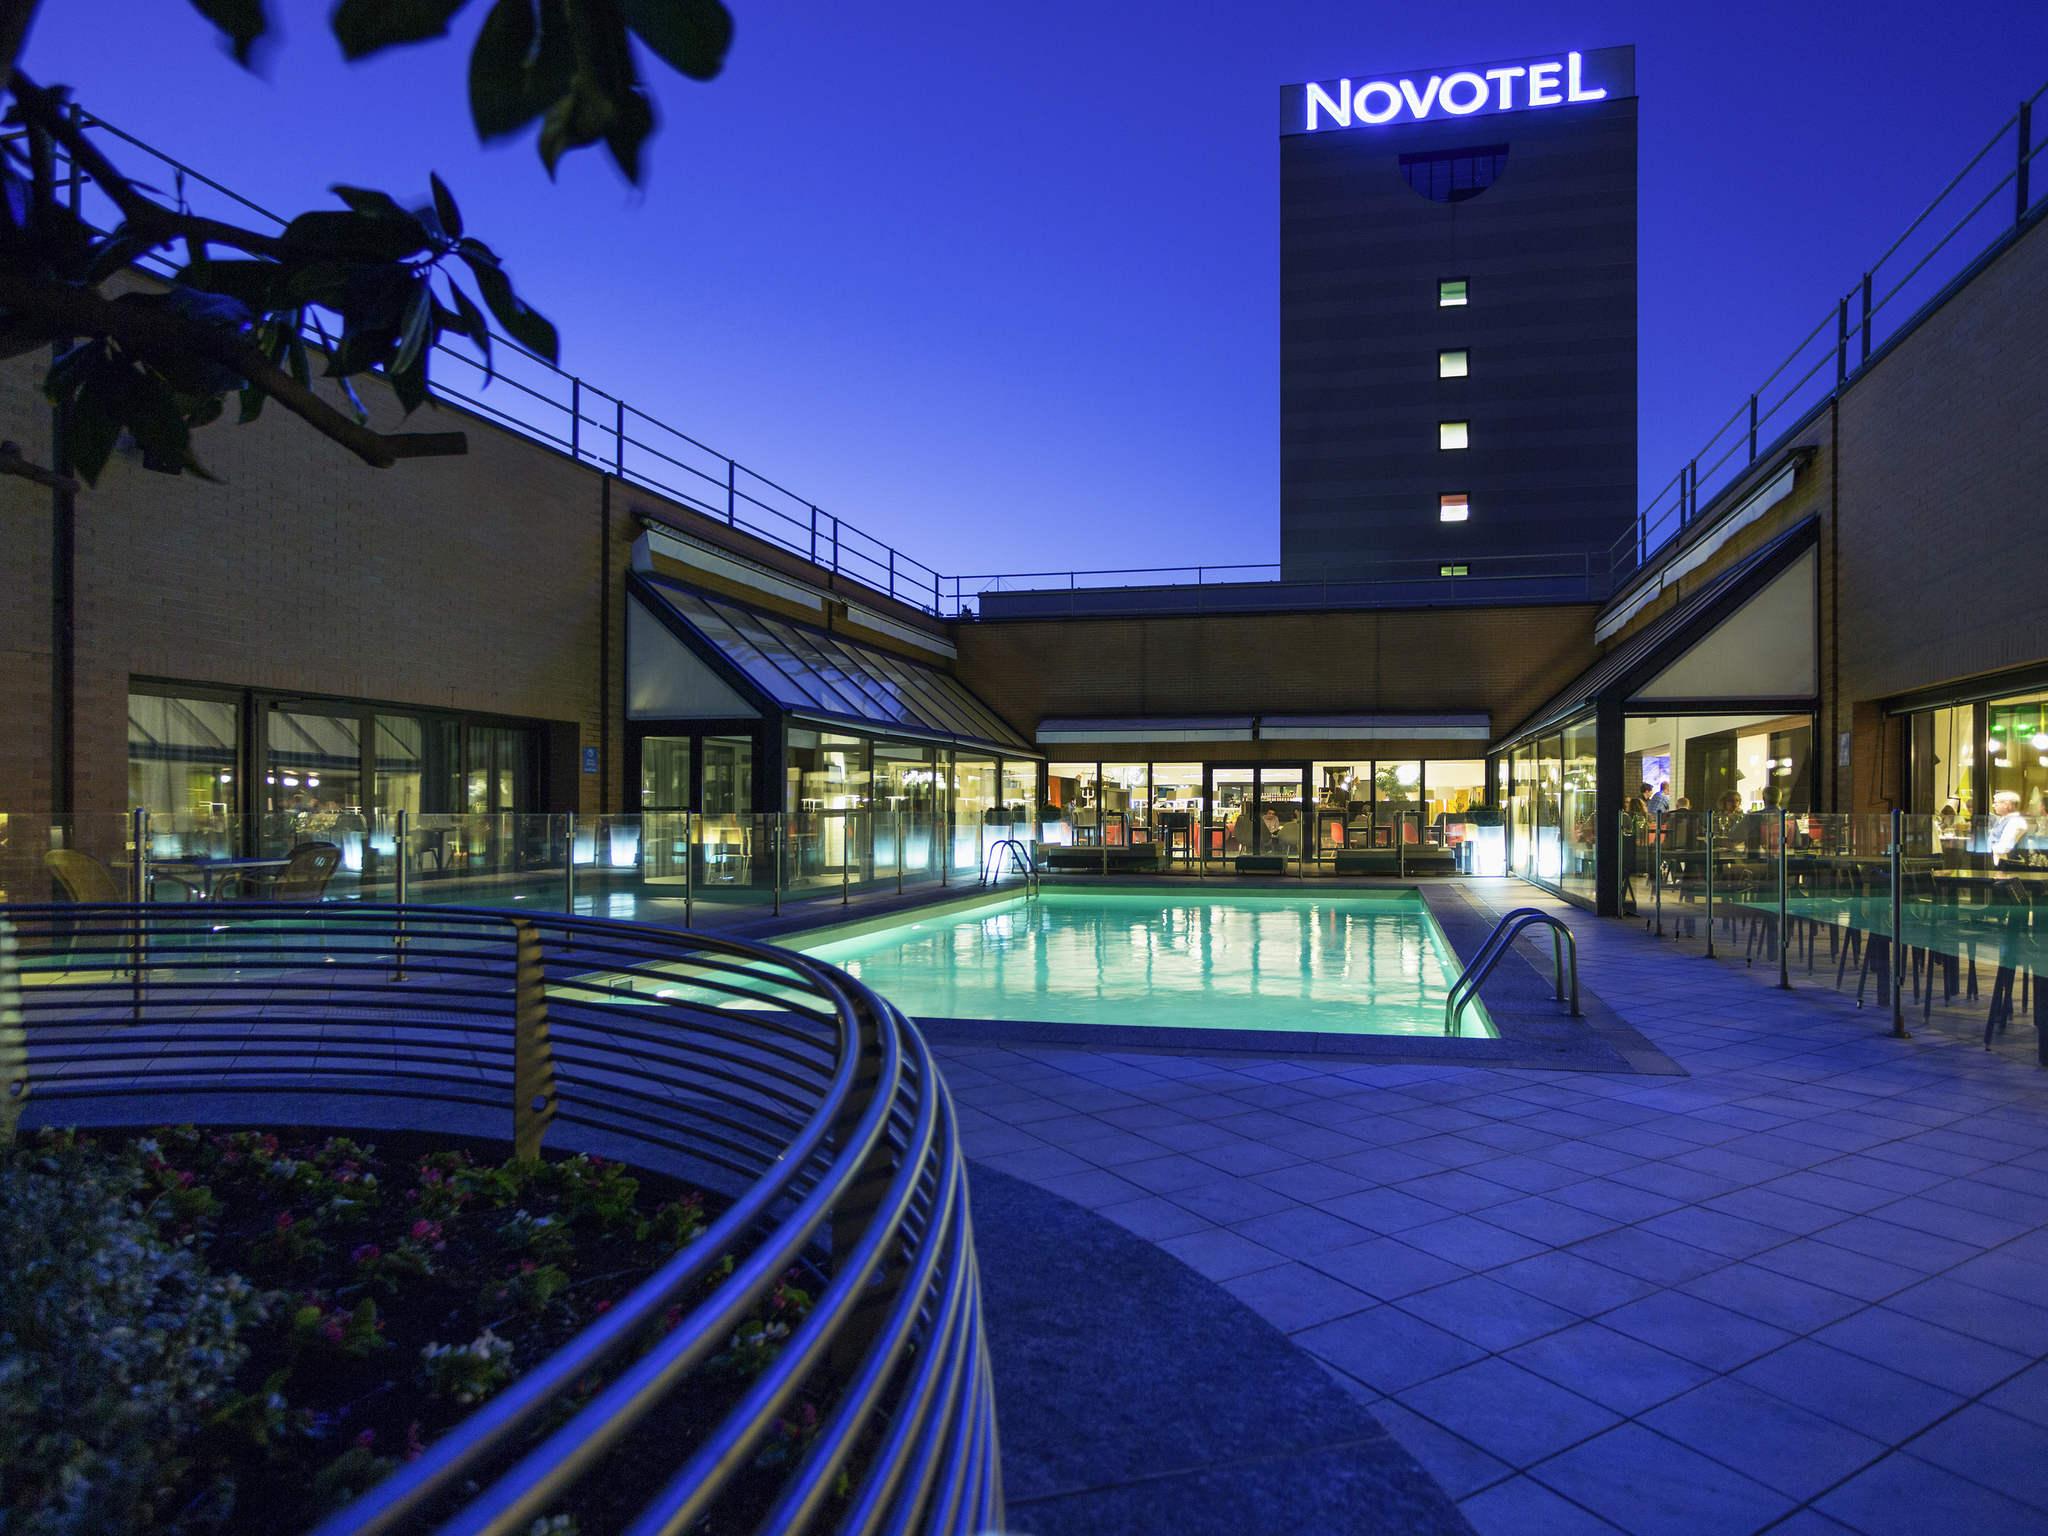 فندق - نوفوتيل Novotel ميلانو ليناتي إيربورتو